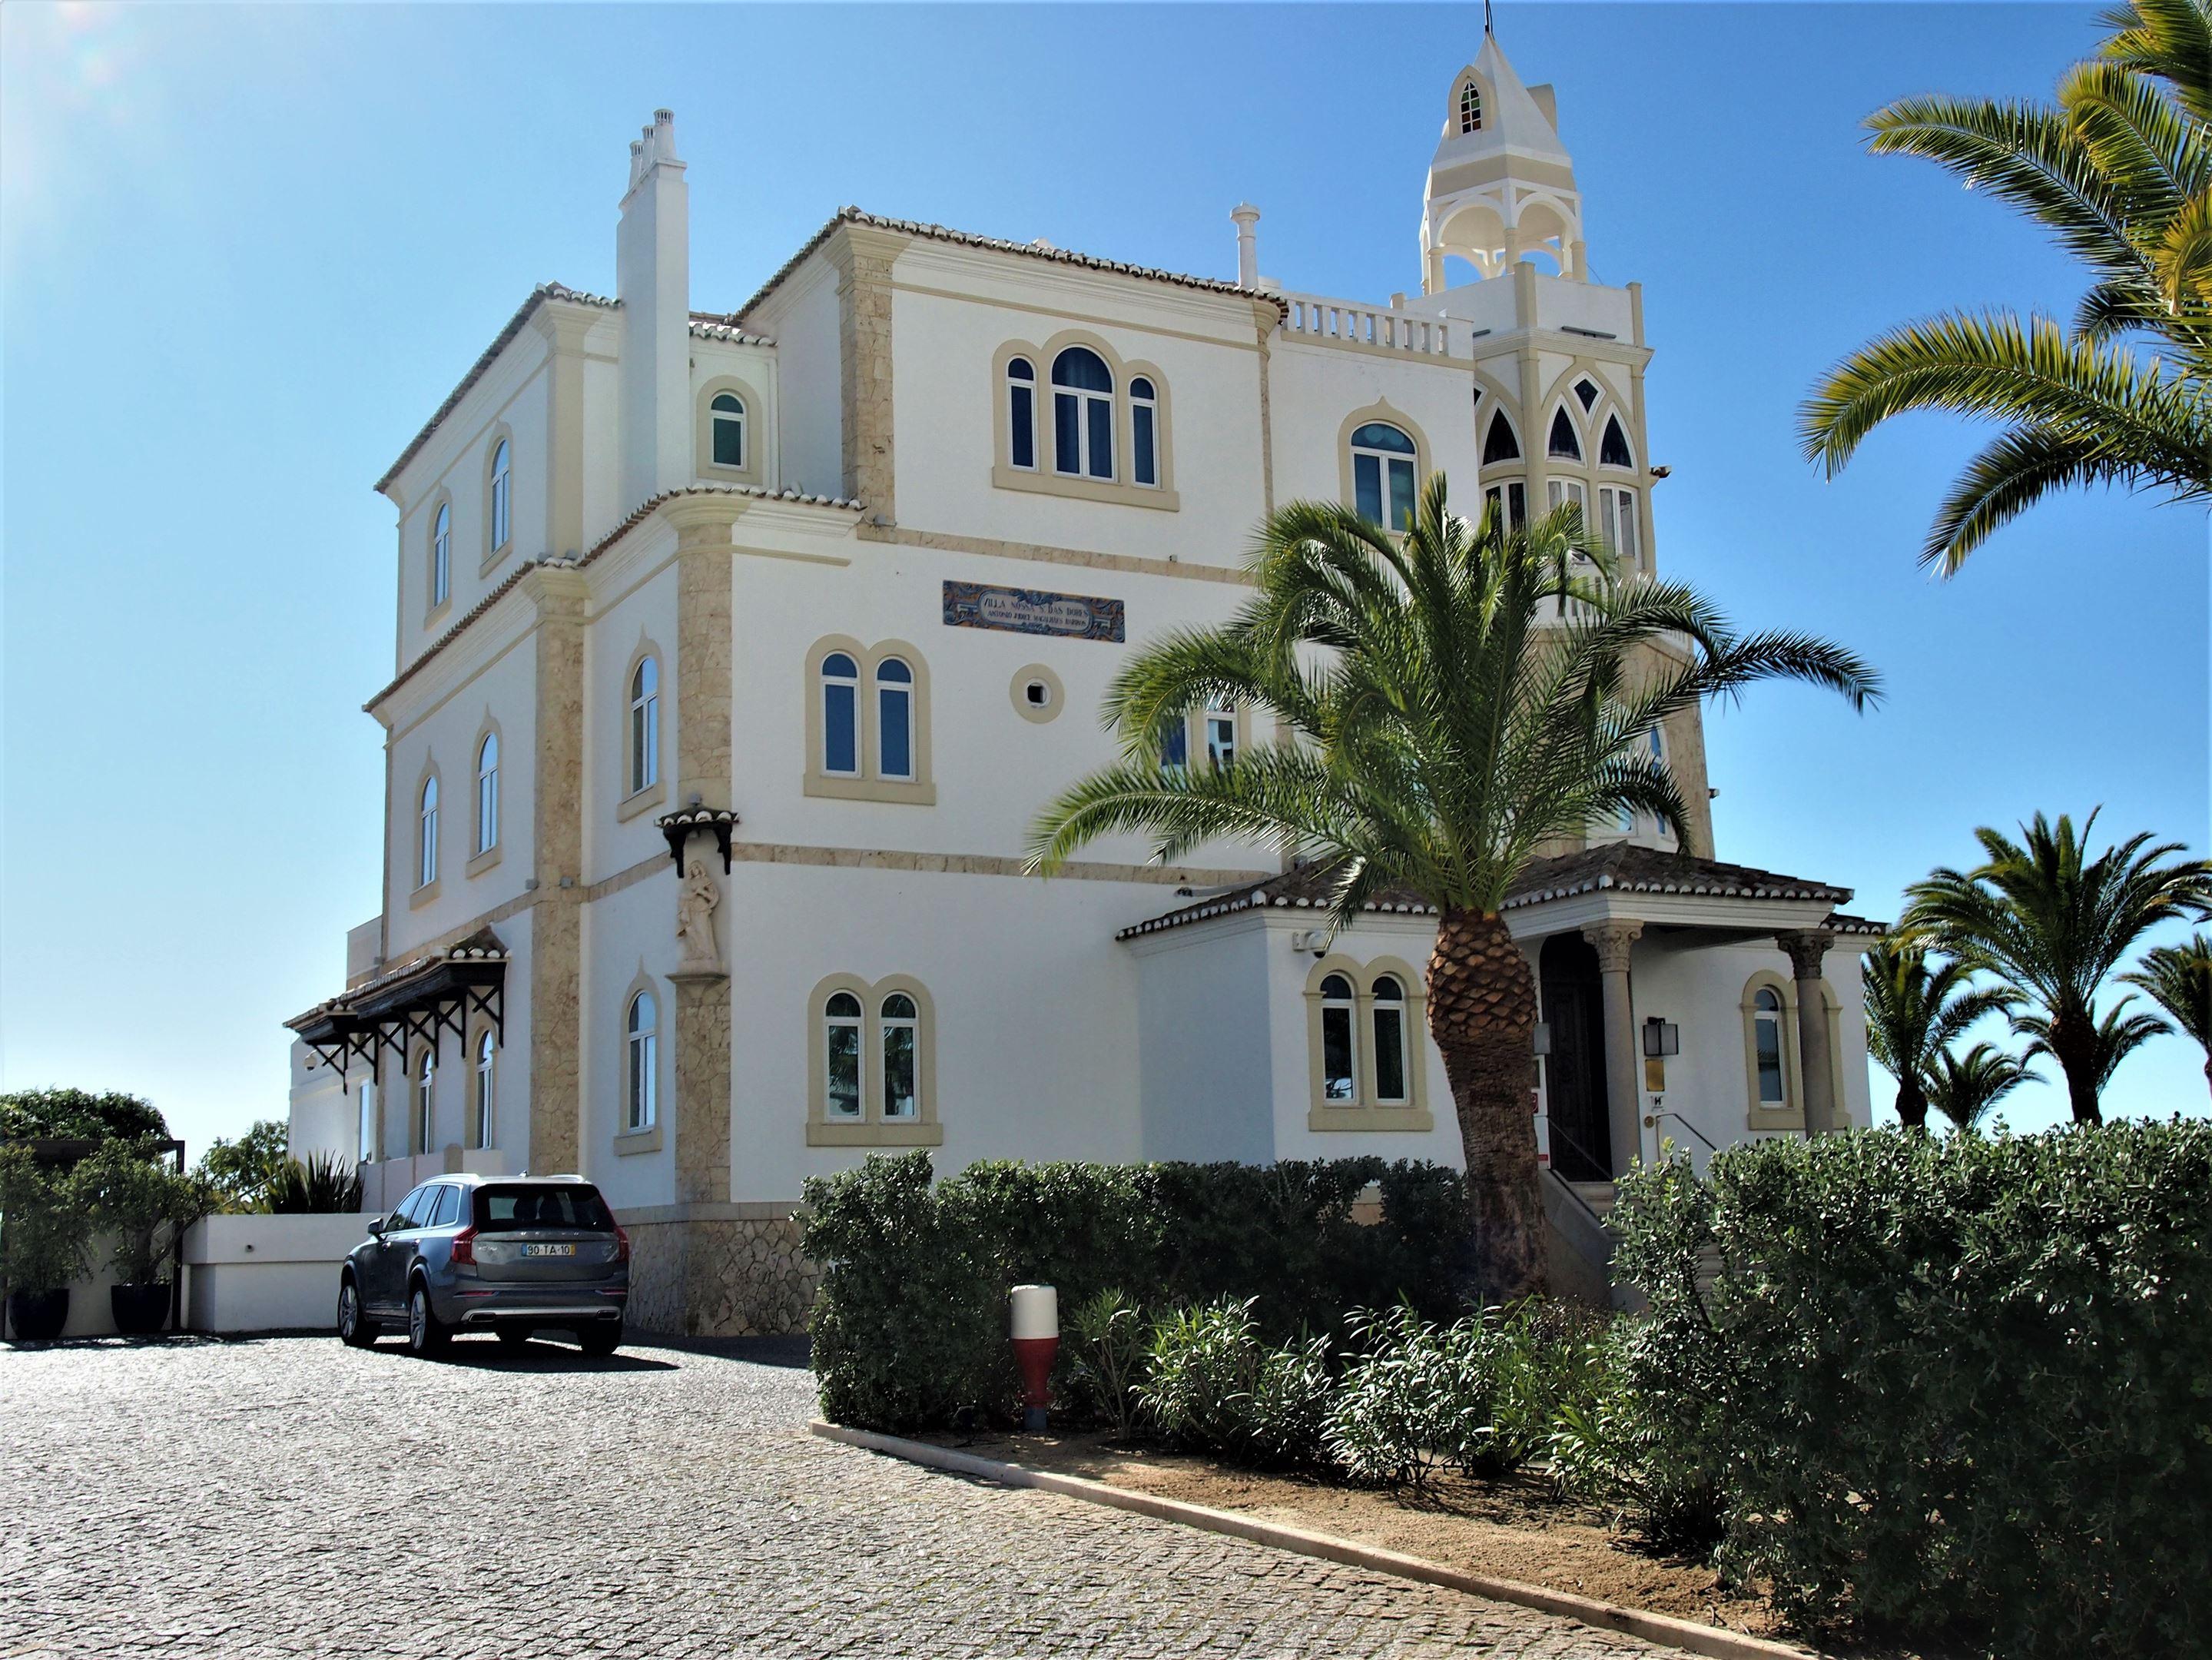 Bela Vista Hotel, Portimão overlooking Praia da Rocha